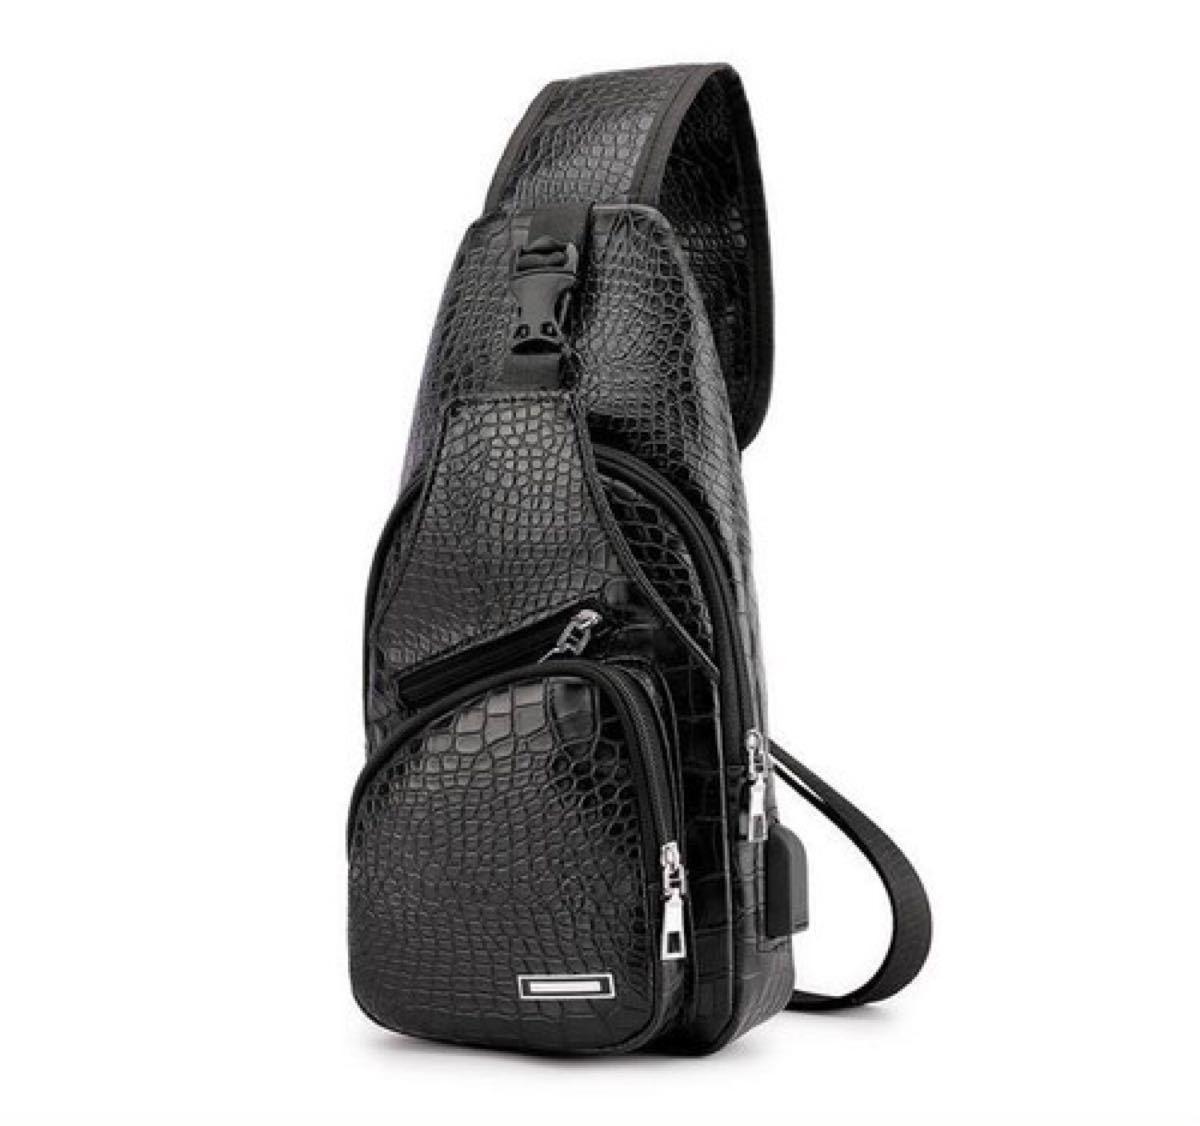 ボディバッグ ボディーバッグ ショルダーバッグ メンズ クロコデザイン ブラック USBポート 鞄 USBポート